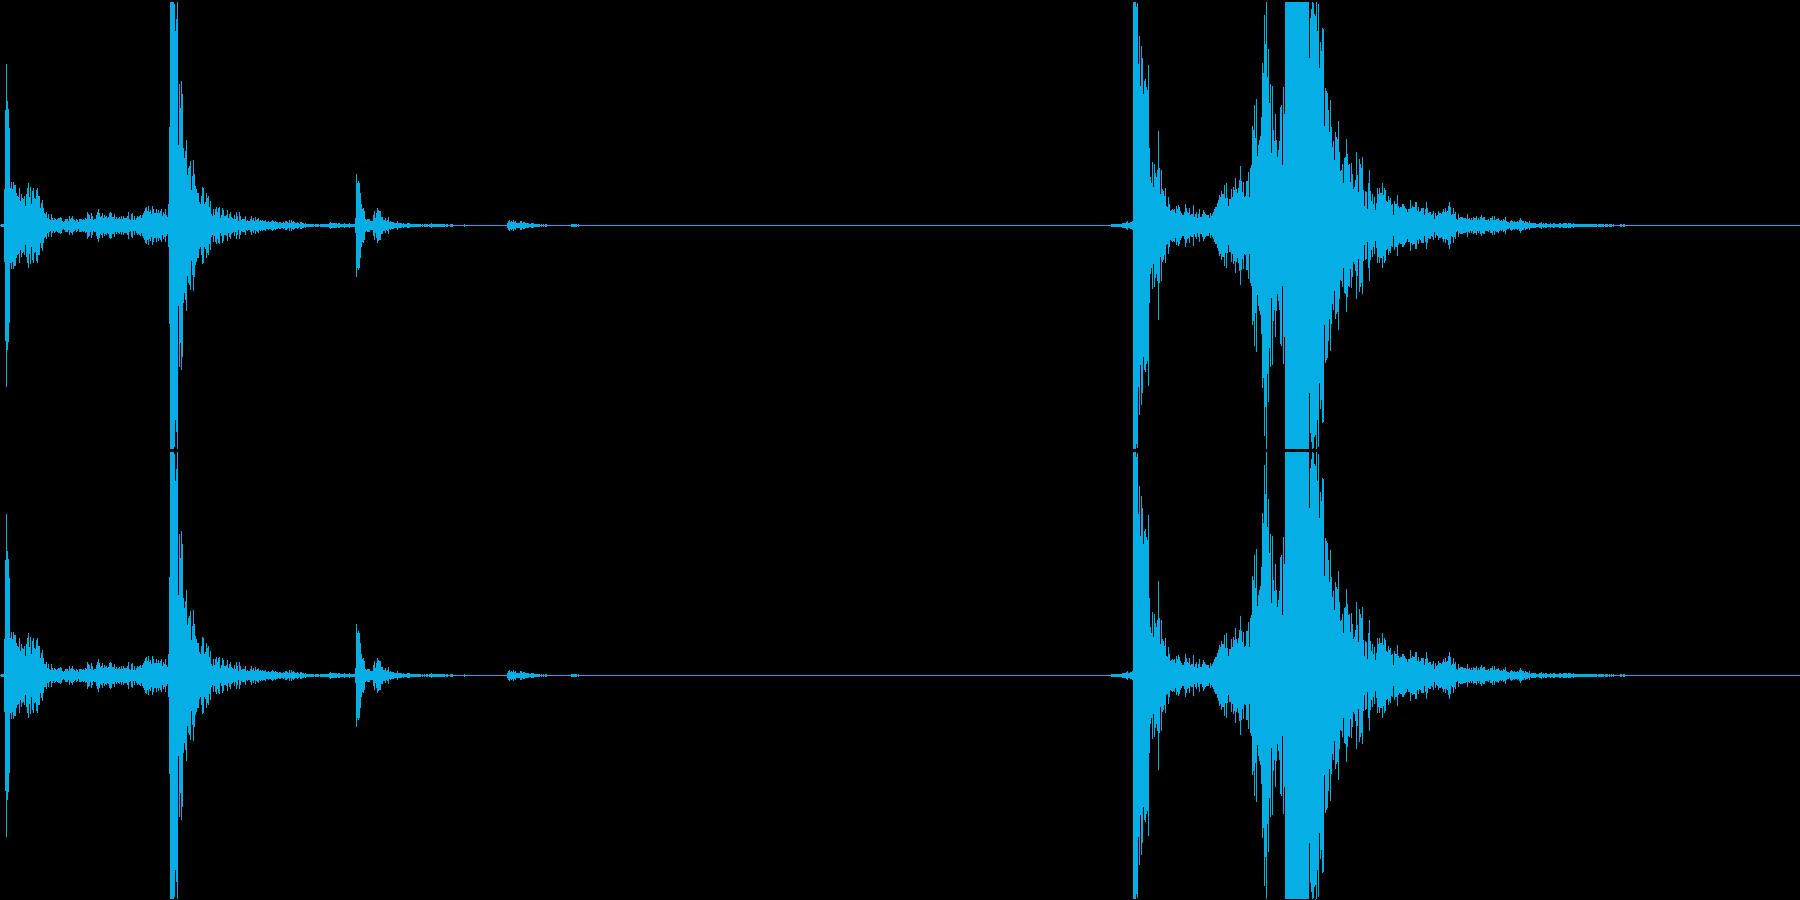 M-16:コックスライドマシンガン...の再生済みの波形